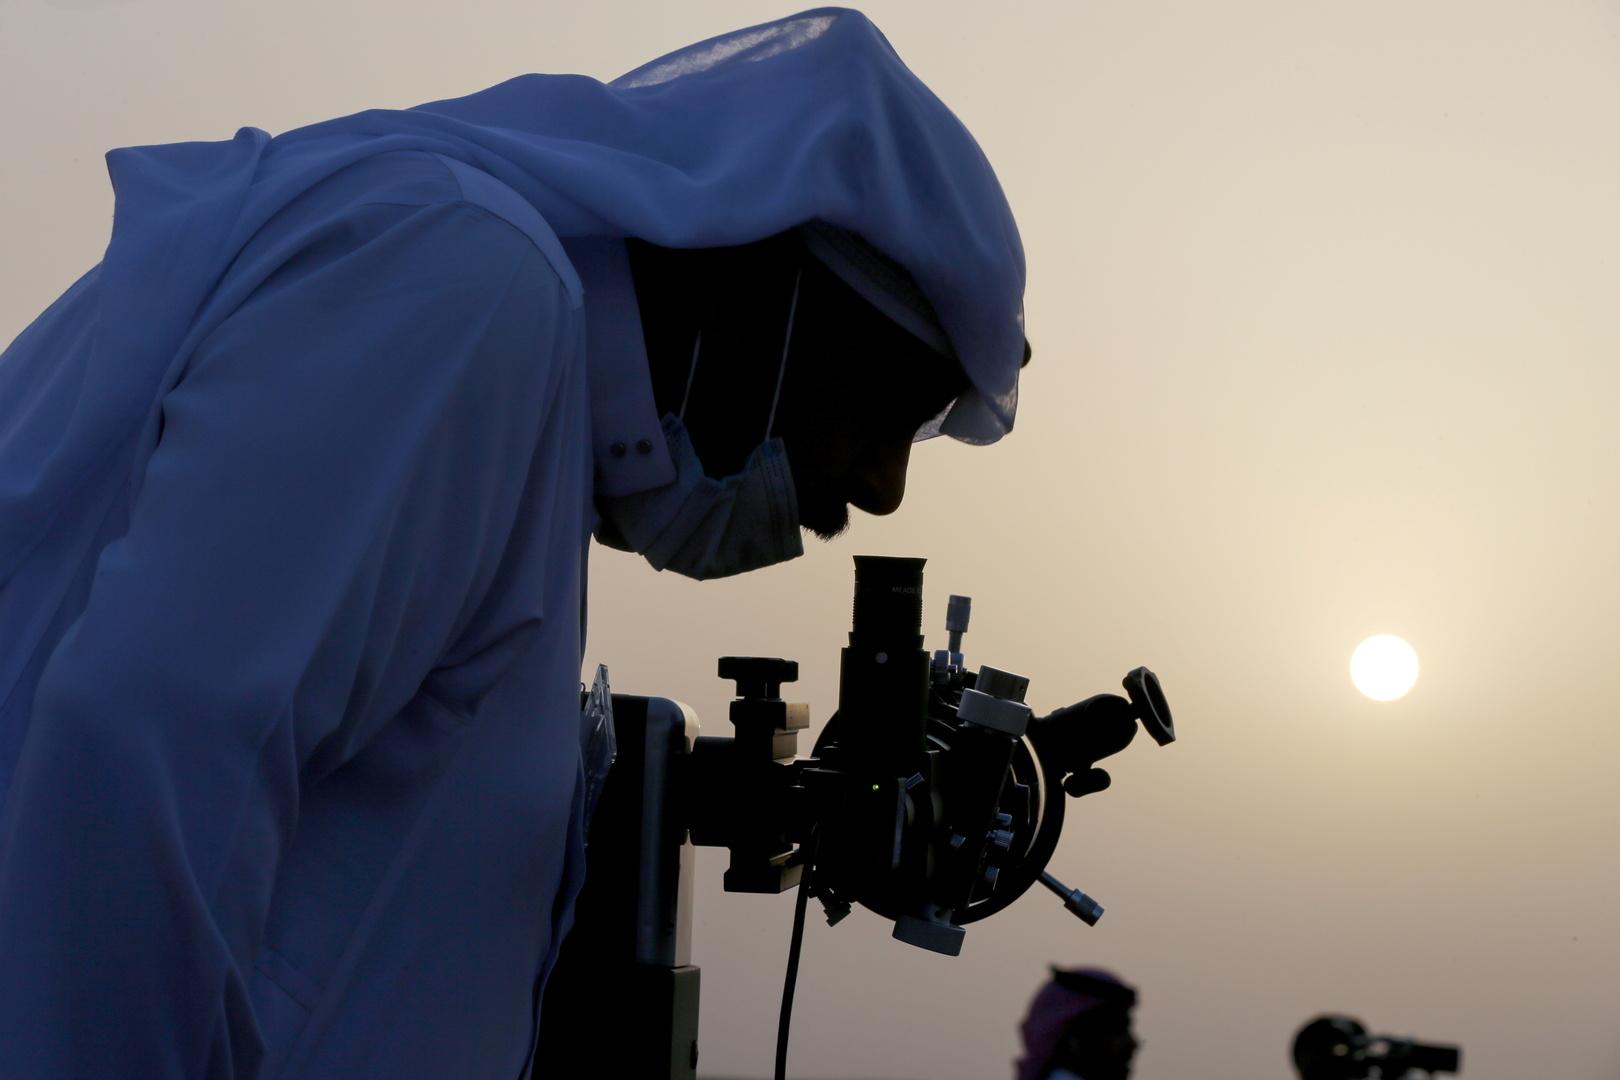 رصد القمر في السعودية إيذانا ببداية شهر رمضان